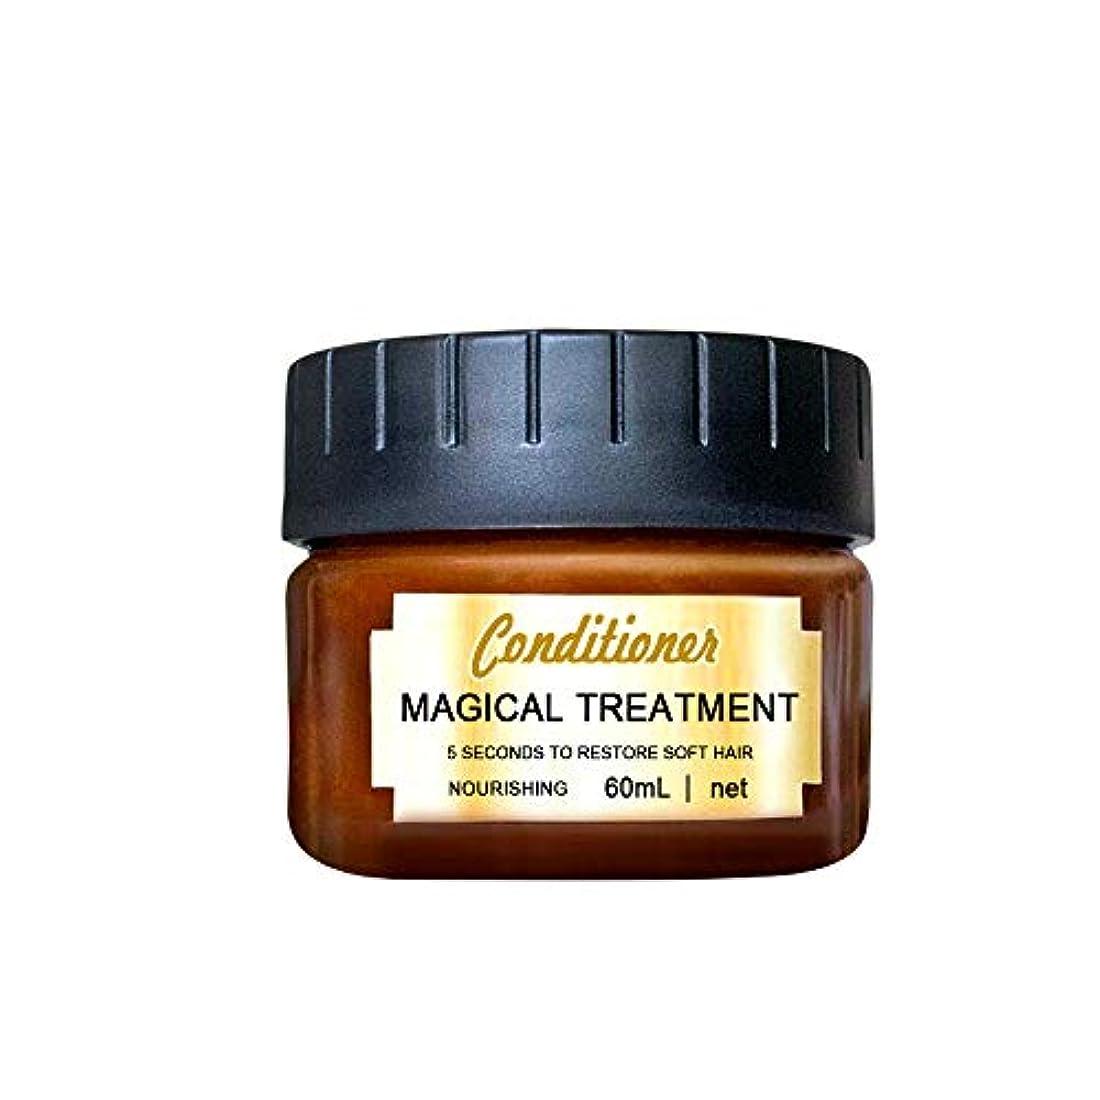 オーバーフロー作者パンツDOUJI植物成分 ヘアケア リッチリペア コンディショナー60mlダメージのある髪へ 弾力性回復 高度な分子毛根治療回復 髪の栄養素を補給トリートメント